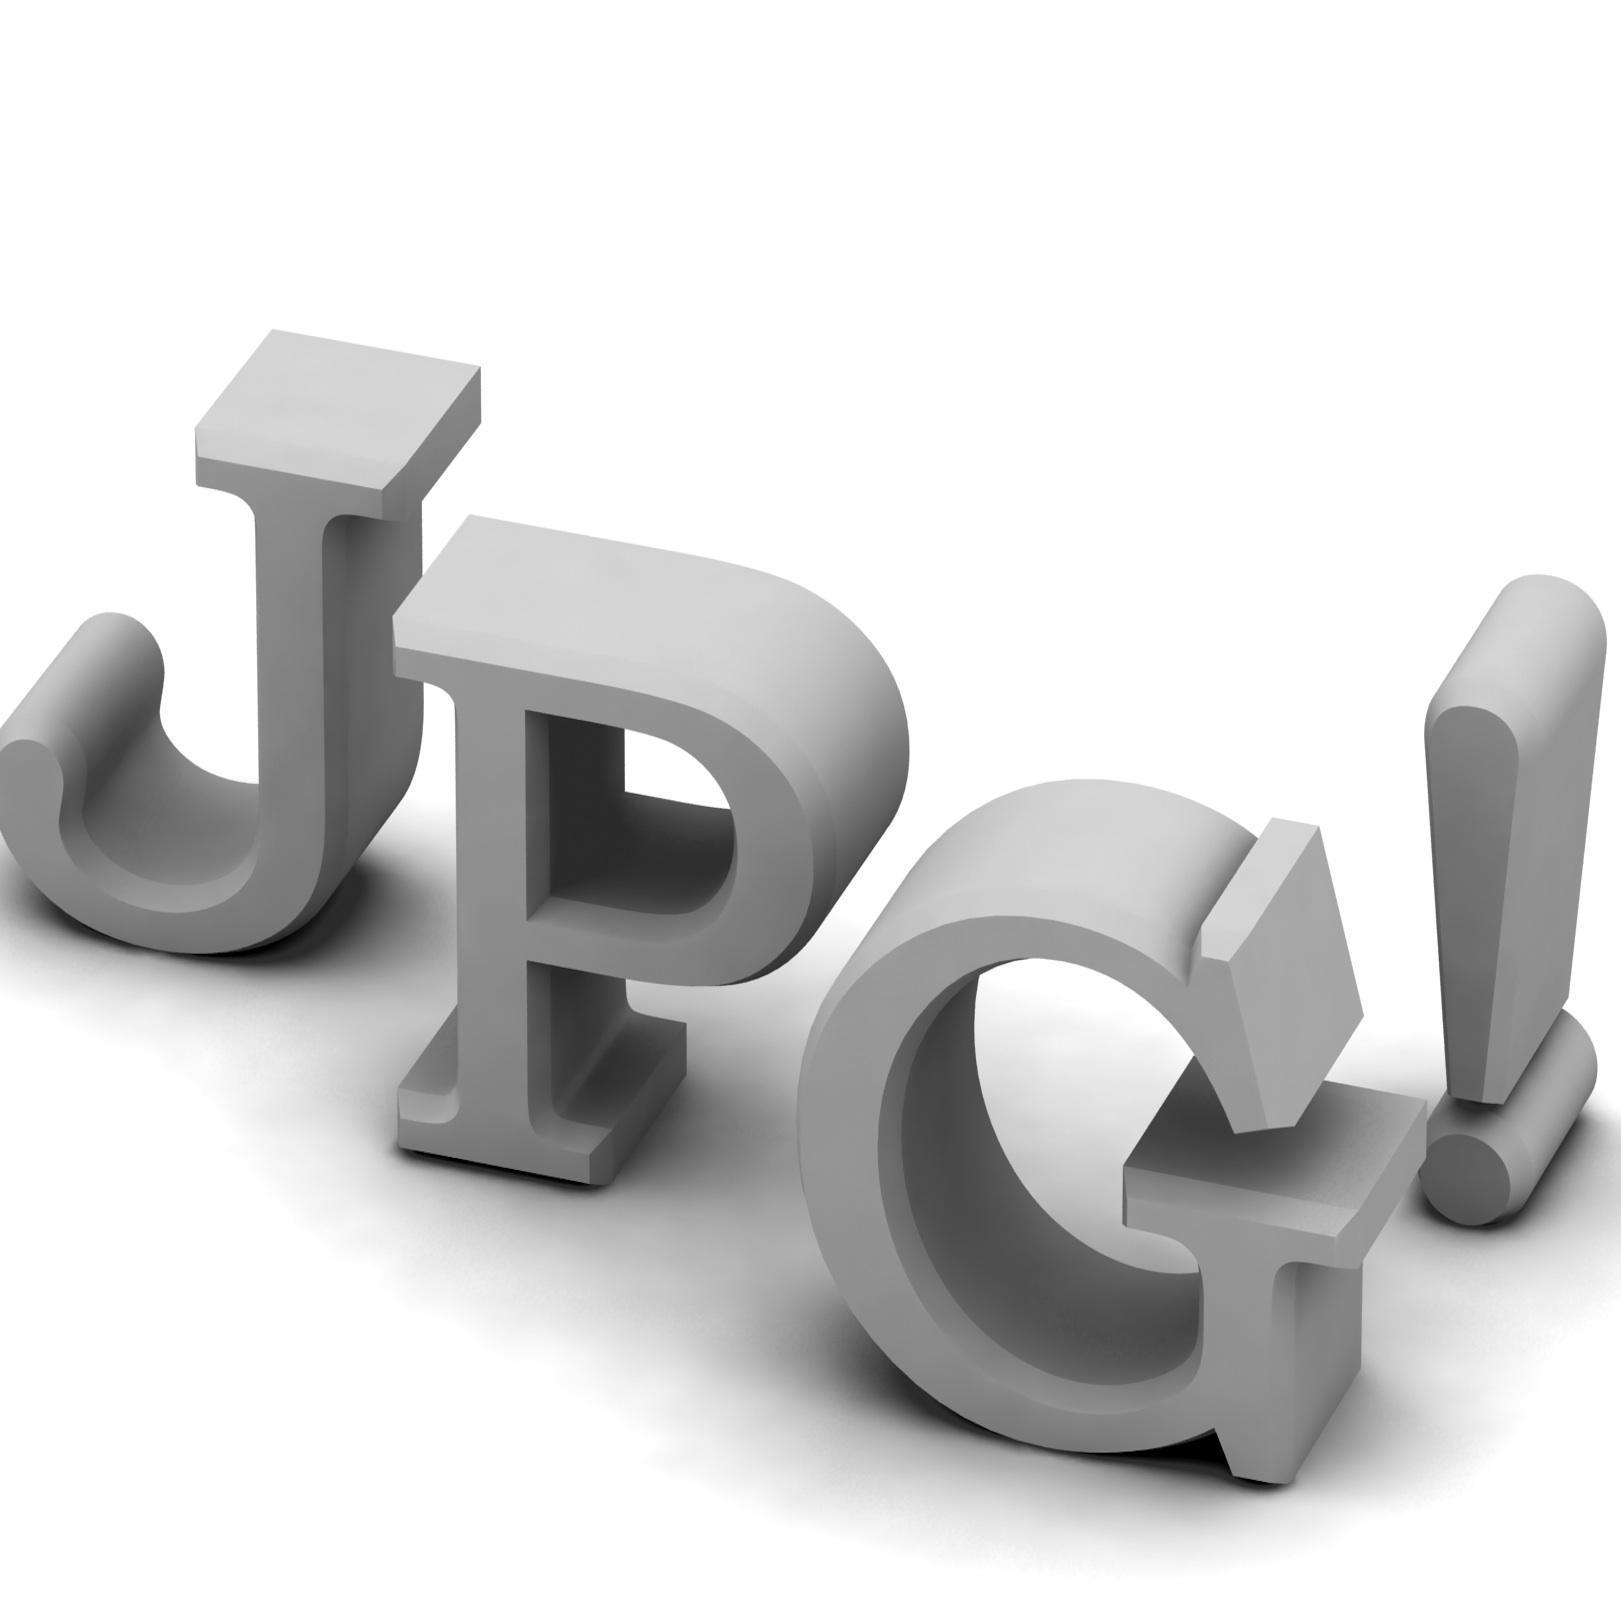 Cómo convertir un archivo JPEG a una imagen vectorial.